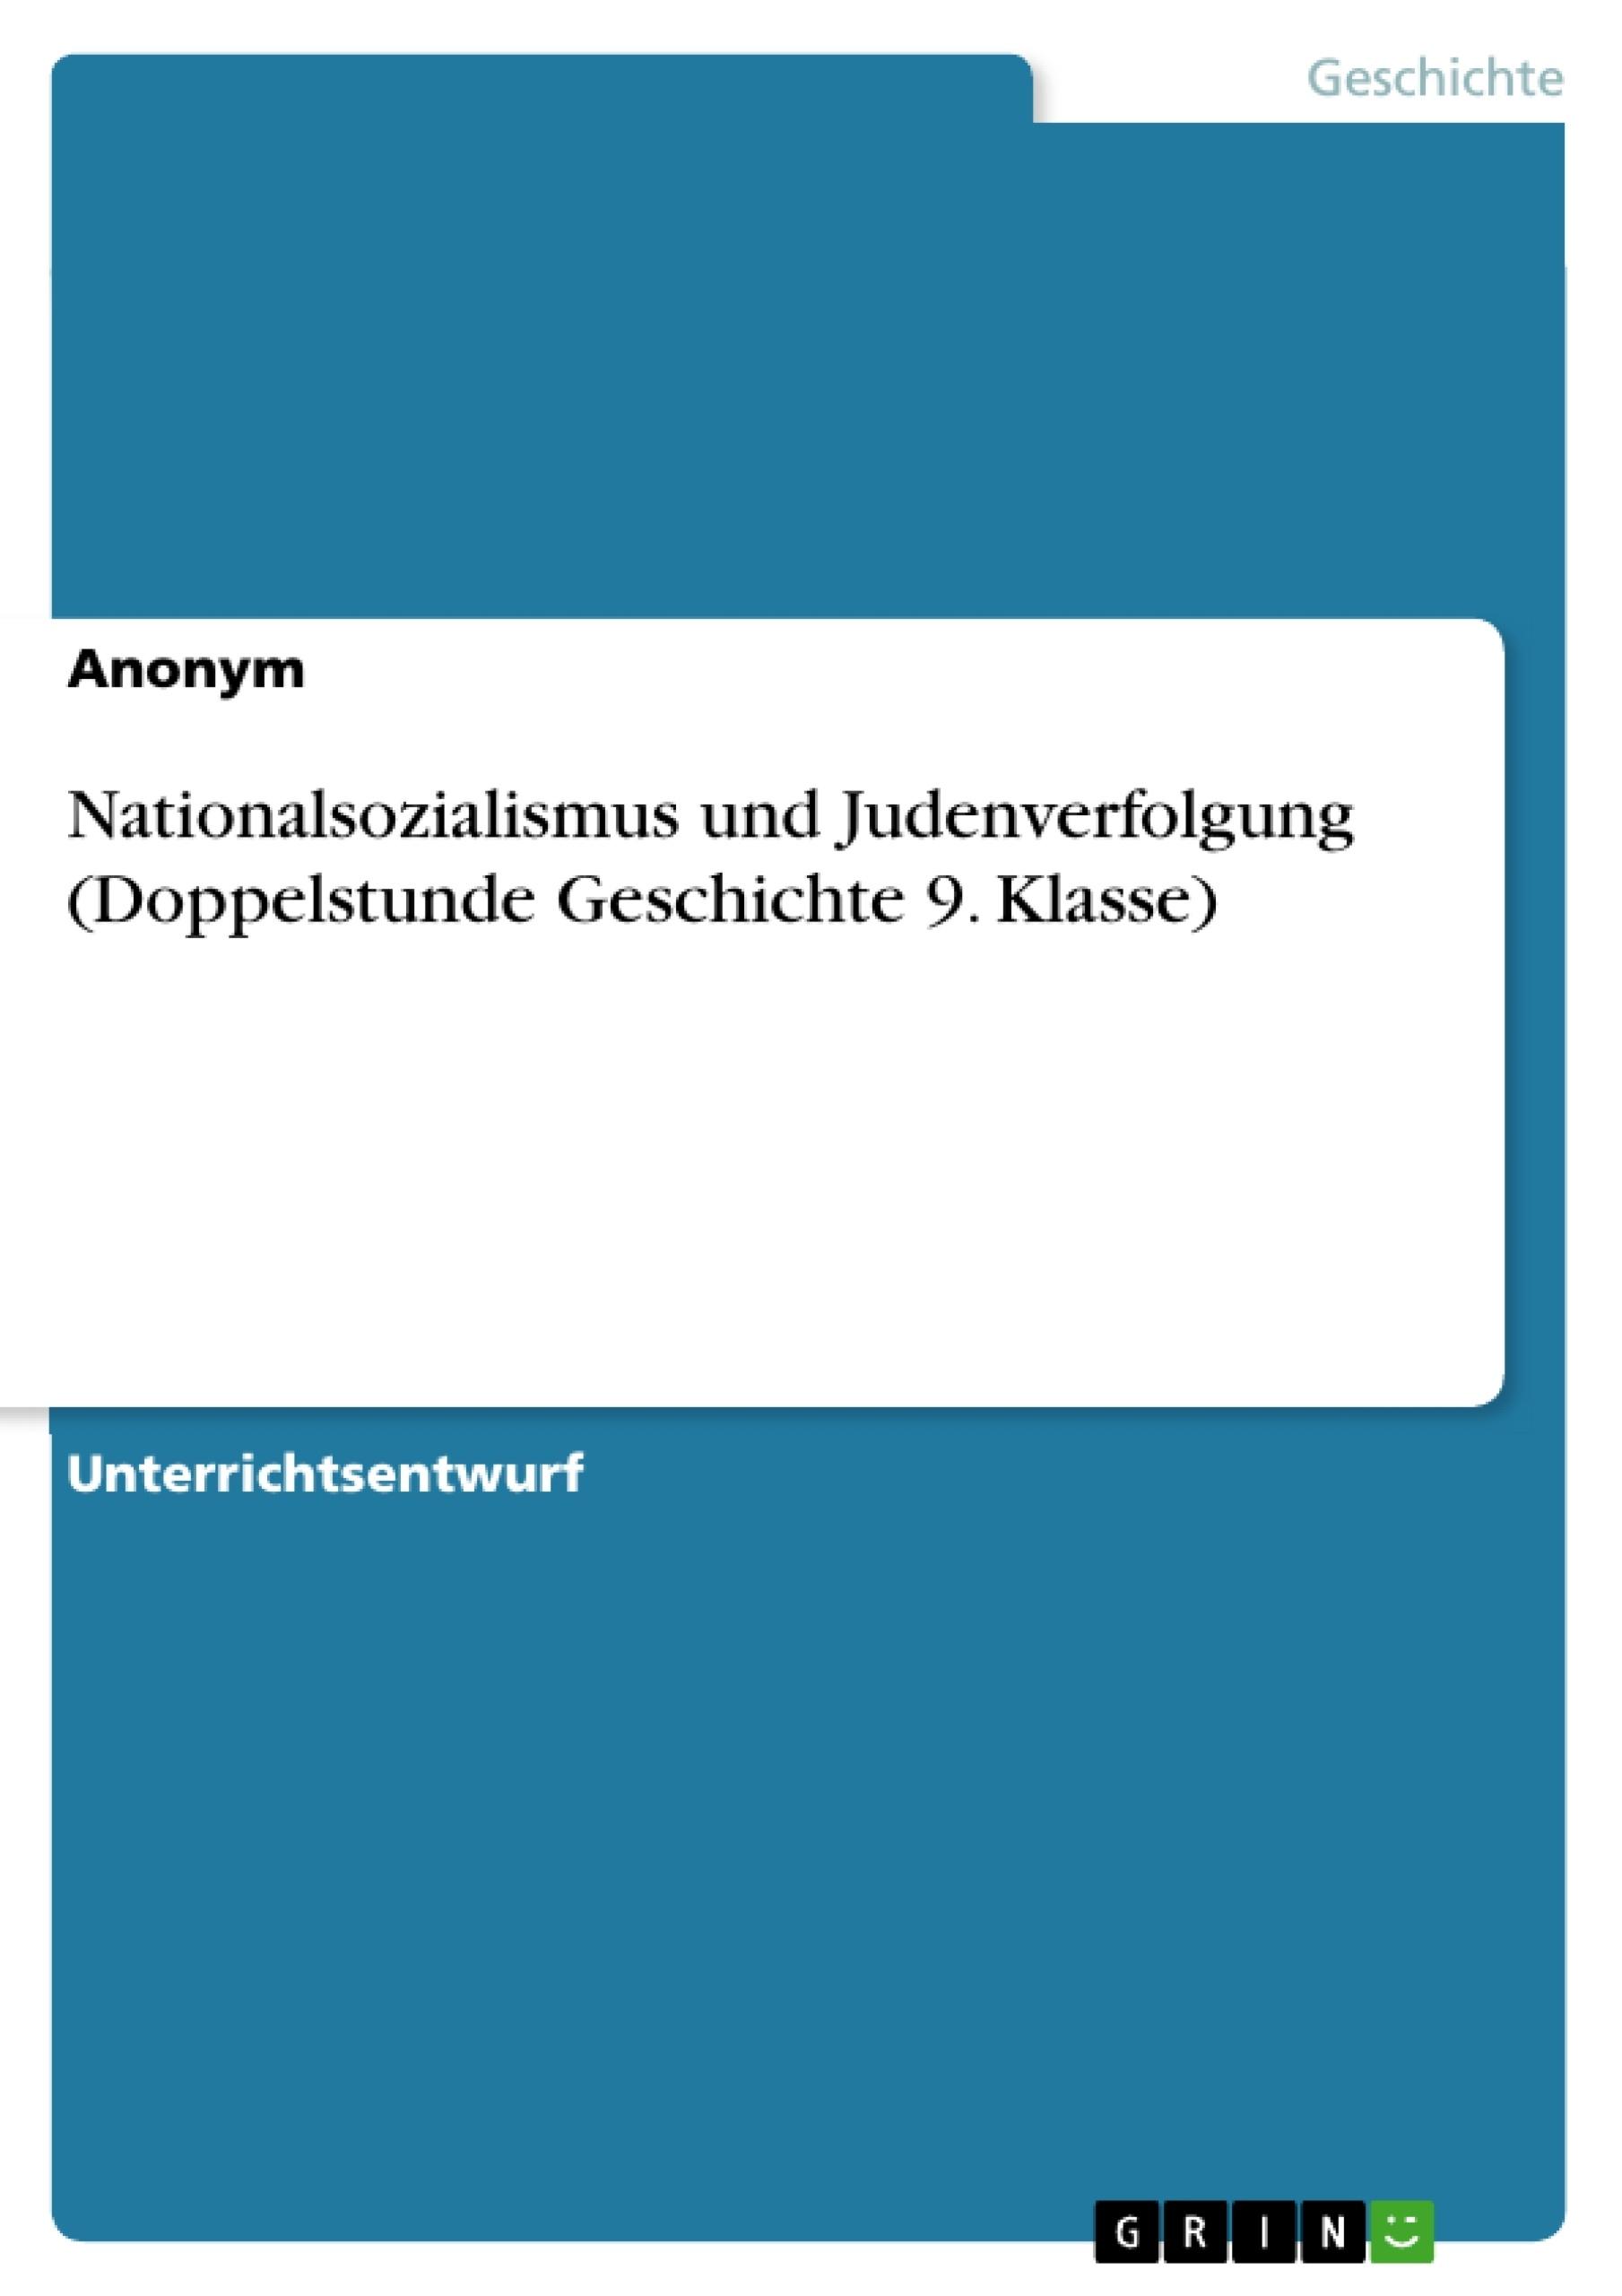 Titel: Nationalsozialismus und Judenverfolgung (Doppelstunde Geschichte 9. Klasse)